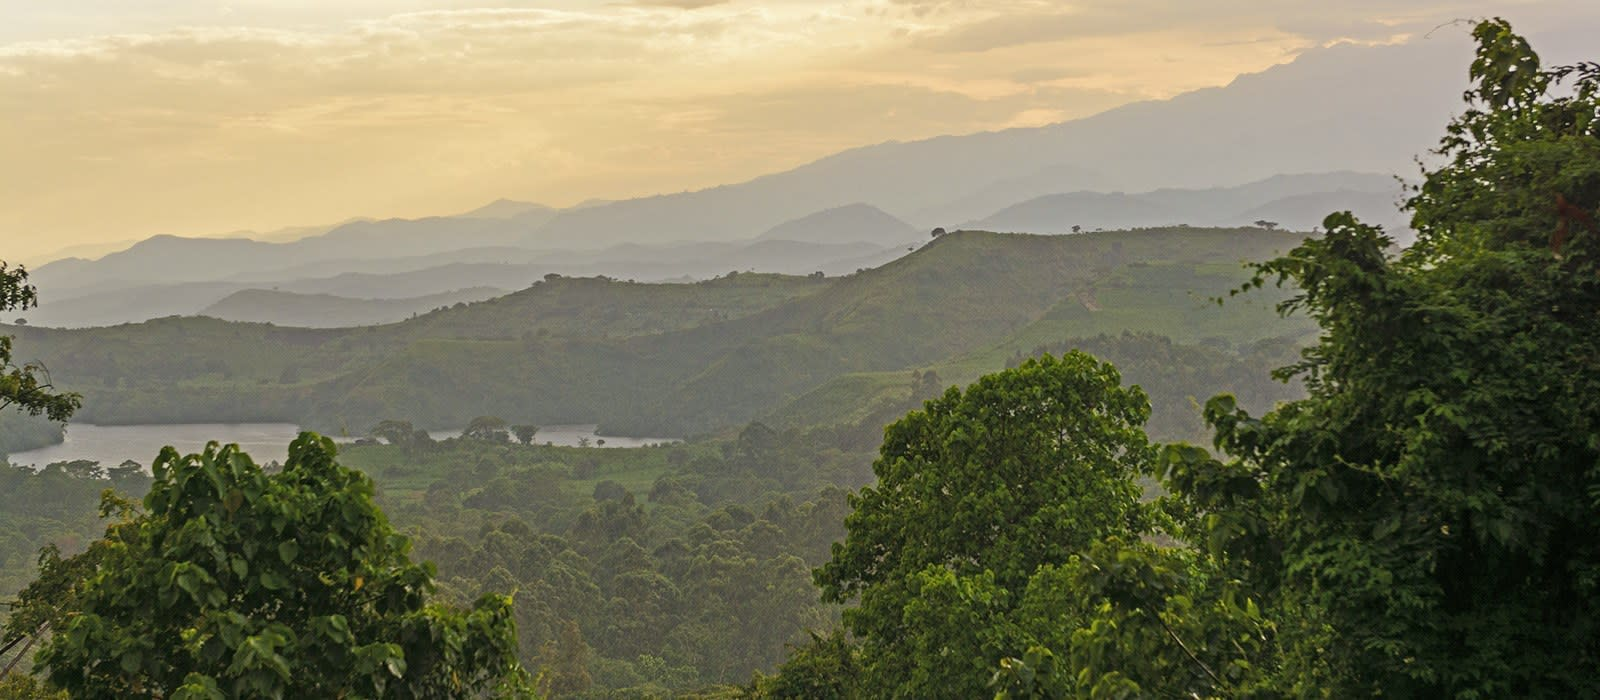 Reiseziel Rwenzori Mountains Uganda